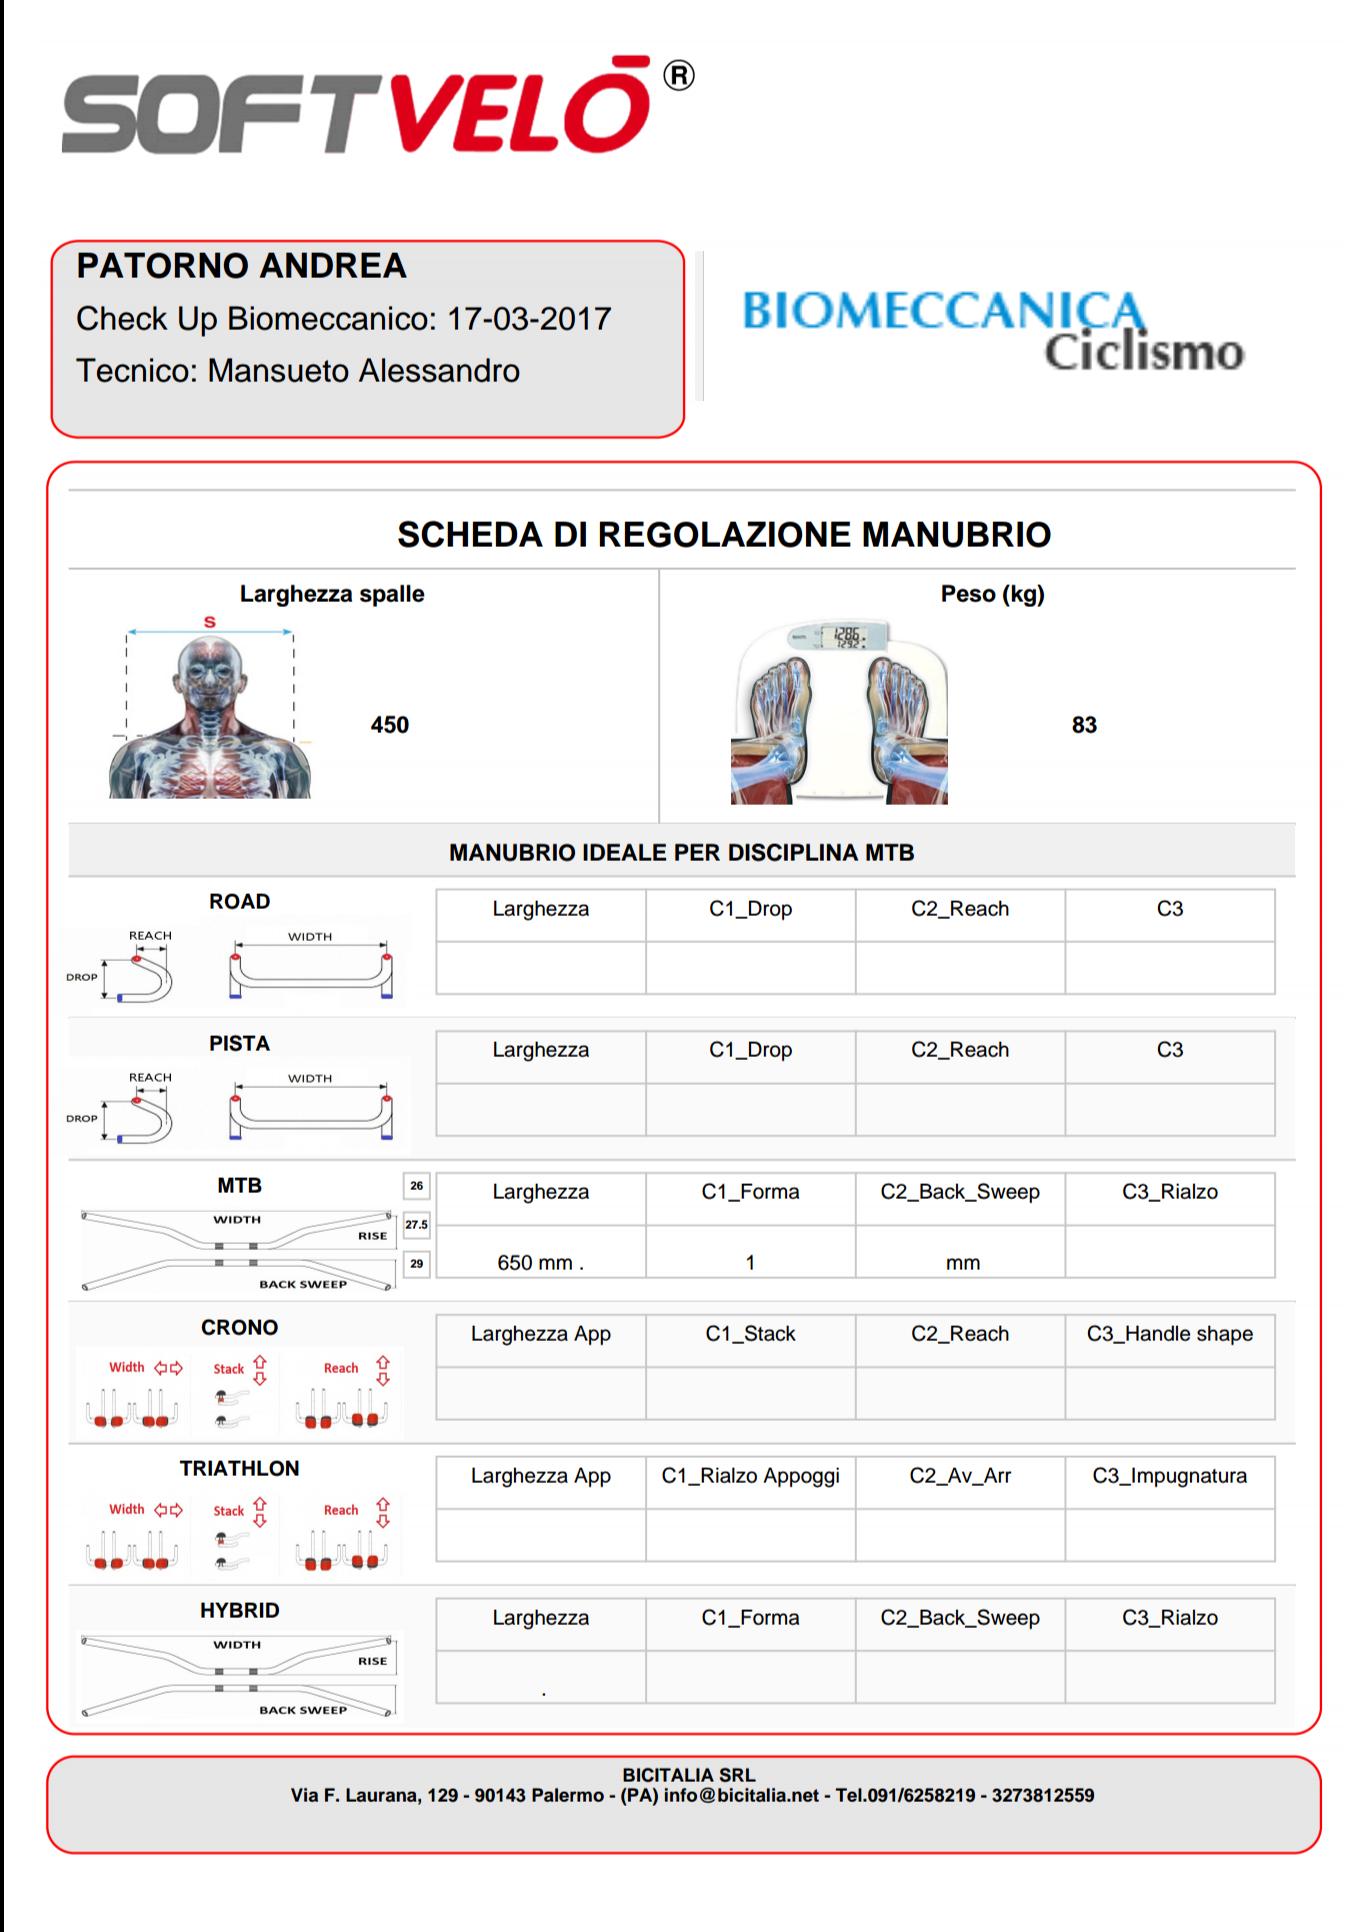 Valutazione biomeccanica ad Andrea Patorno